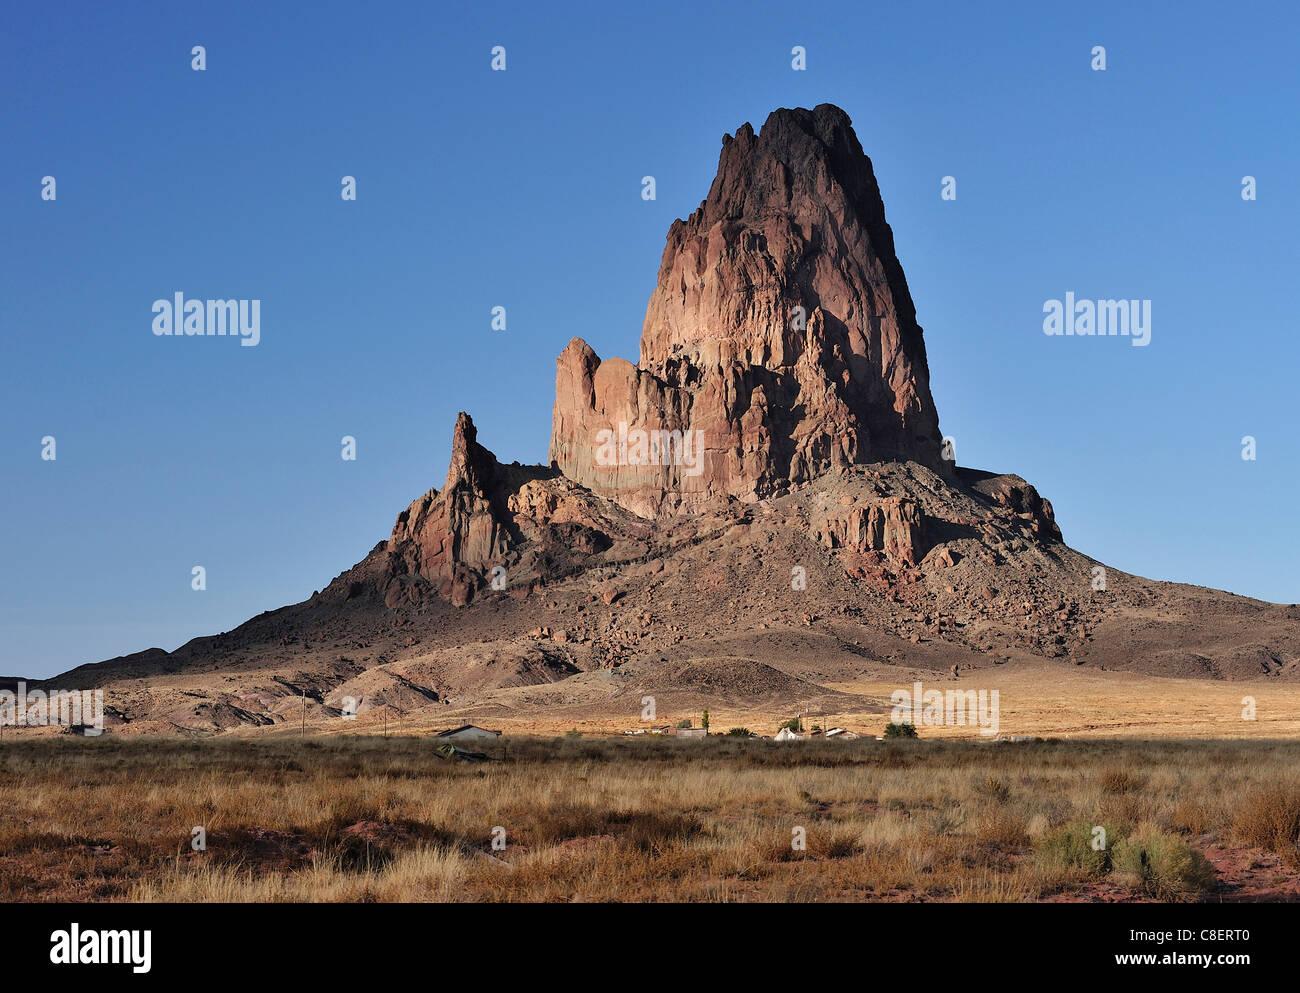 Vulkangestein, in der Nähe von Kayenta, Navajo, Indianer-Reservat in der Nähe von Monument Valley, Arizona, Stockbild